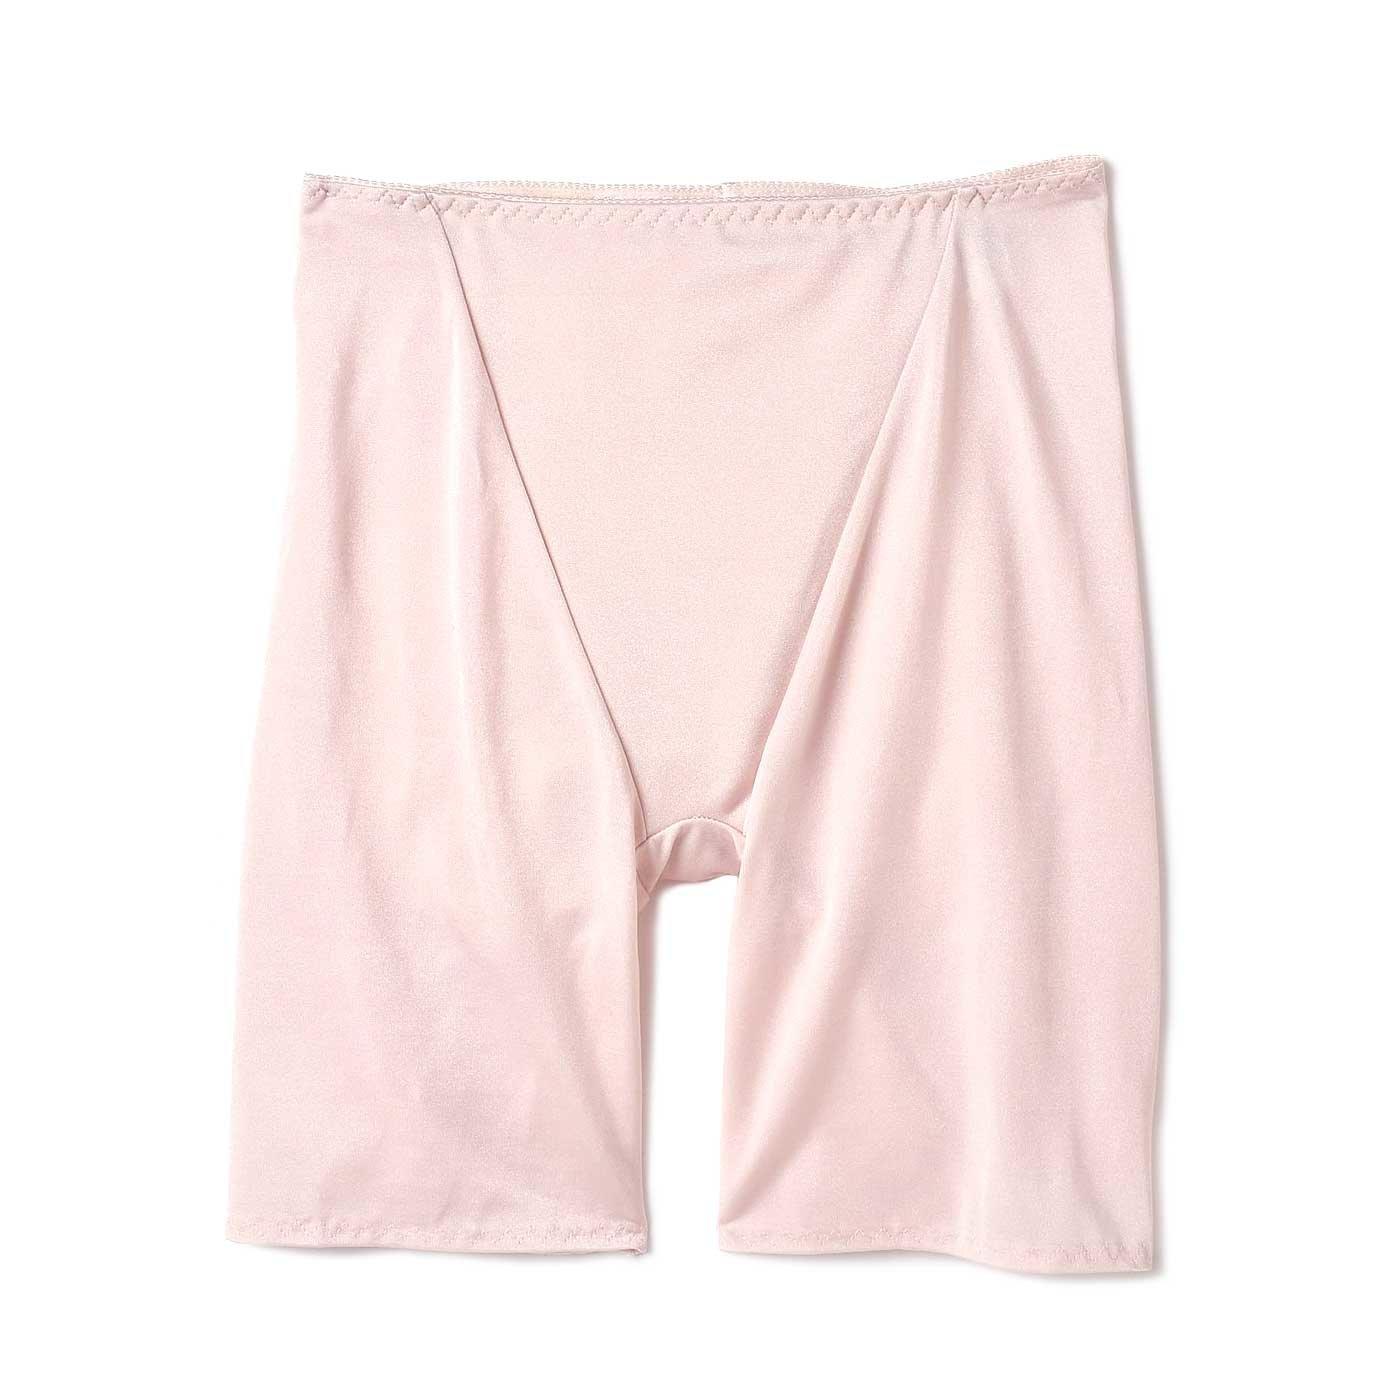 まるではく円座 秘密の美じりGガードル〈ピンク〉